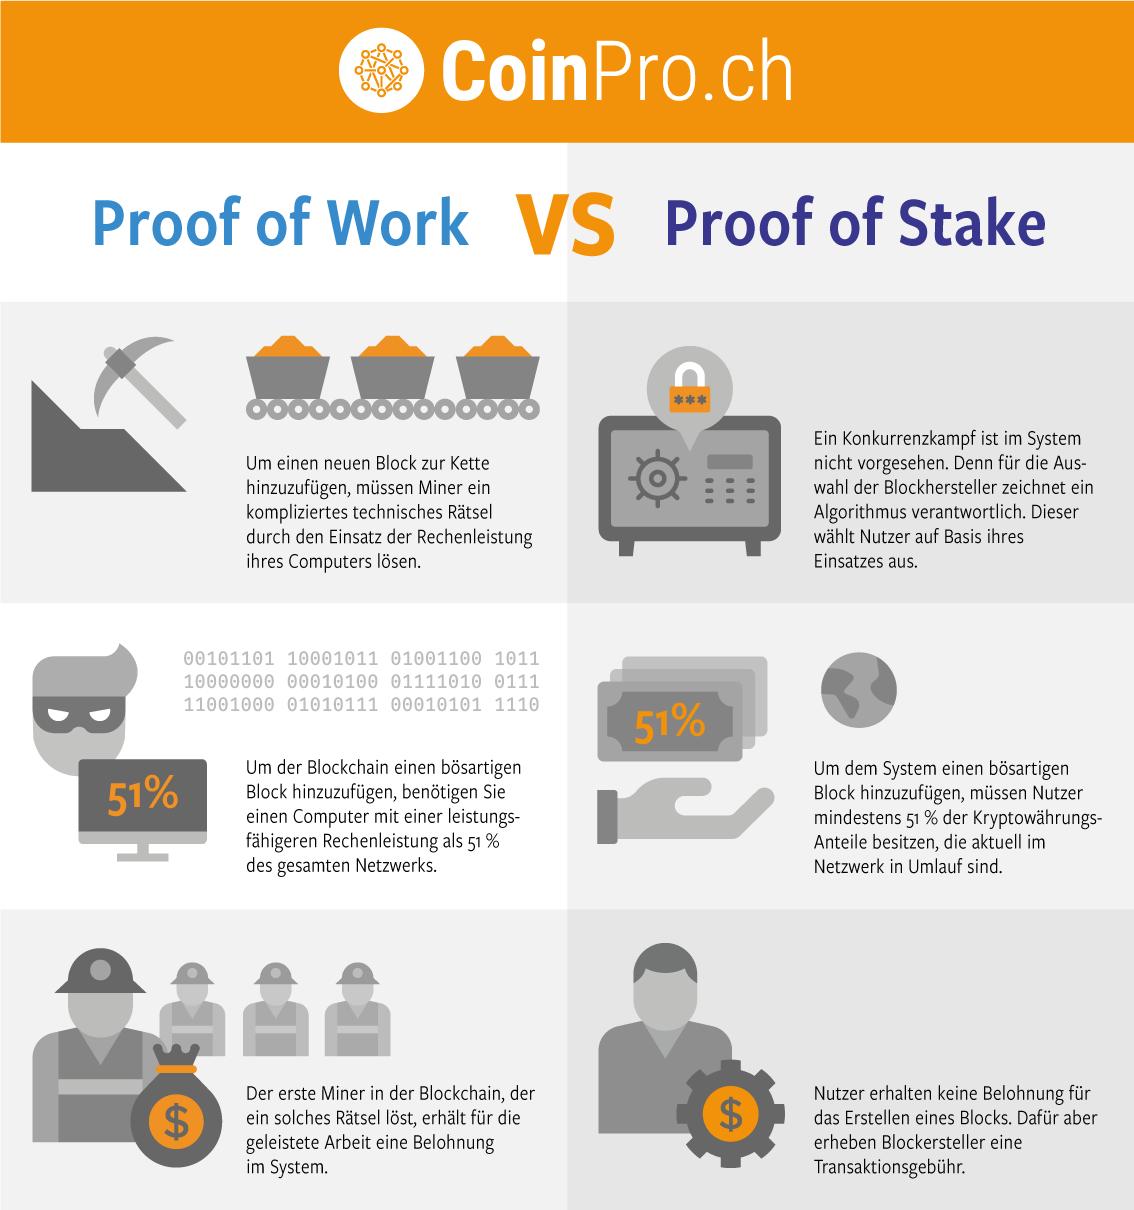 Infografik zu den Unterschieden von Proof of Work und Proof of Stake